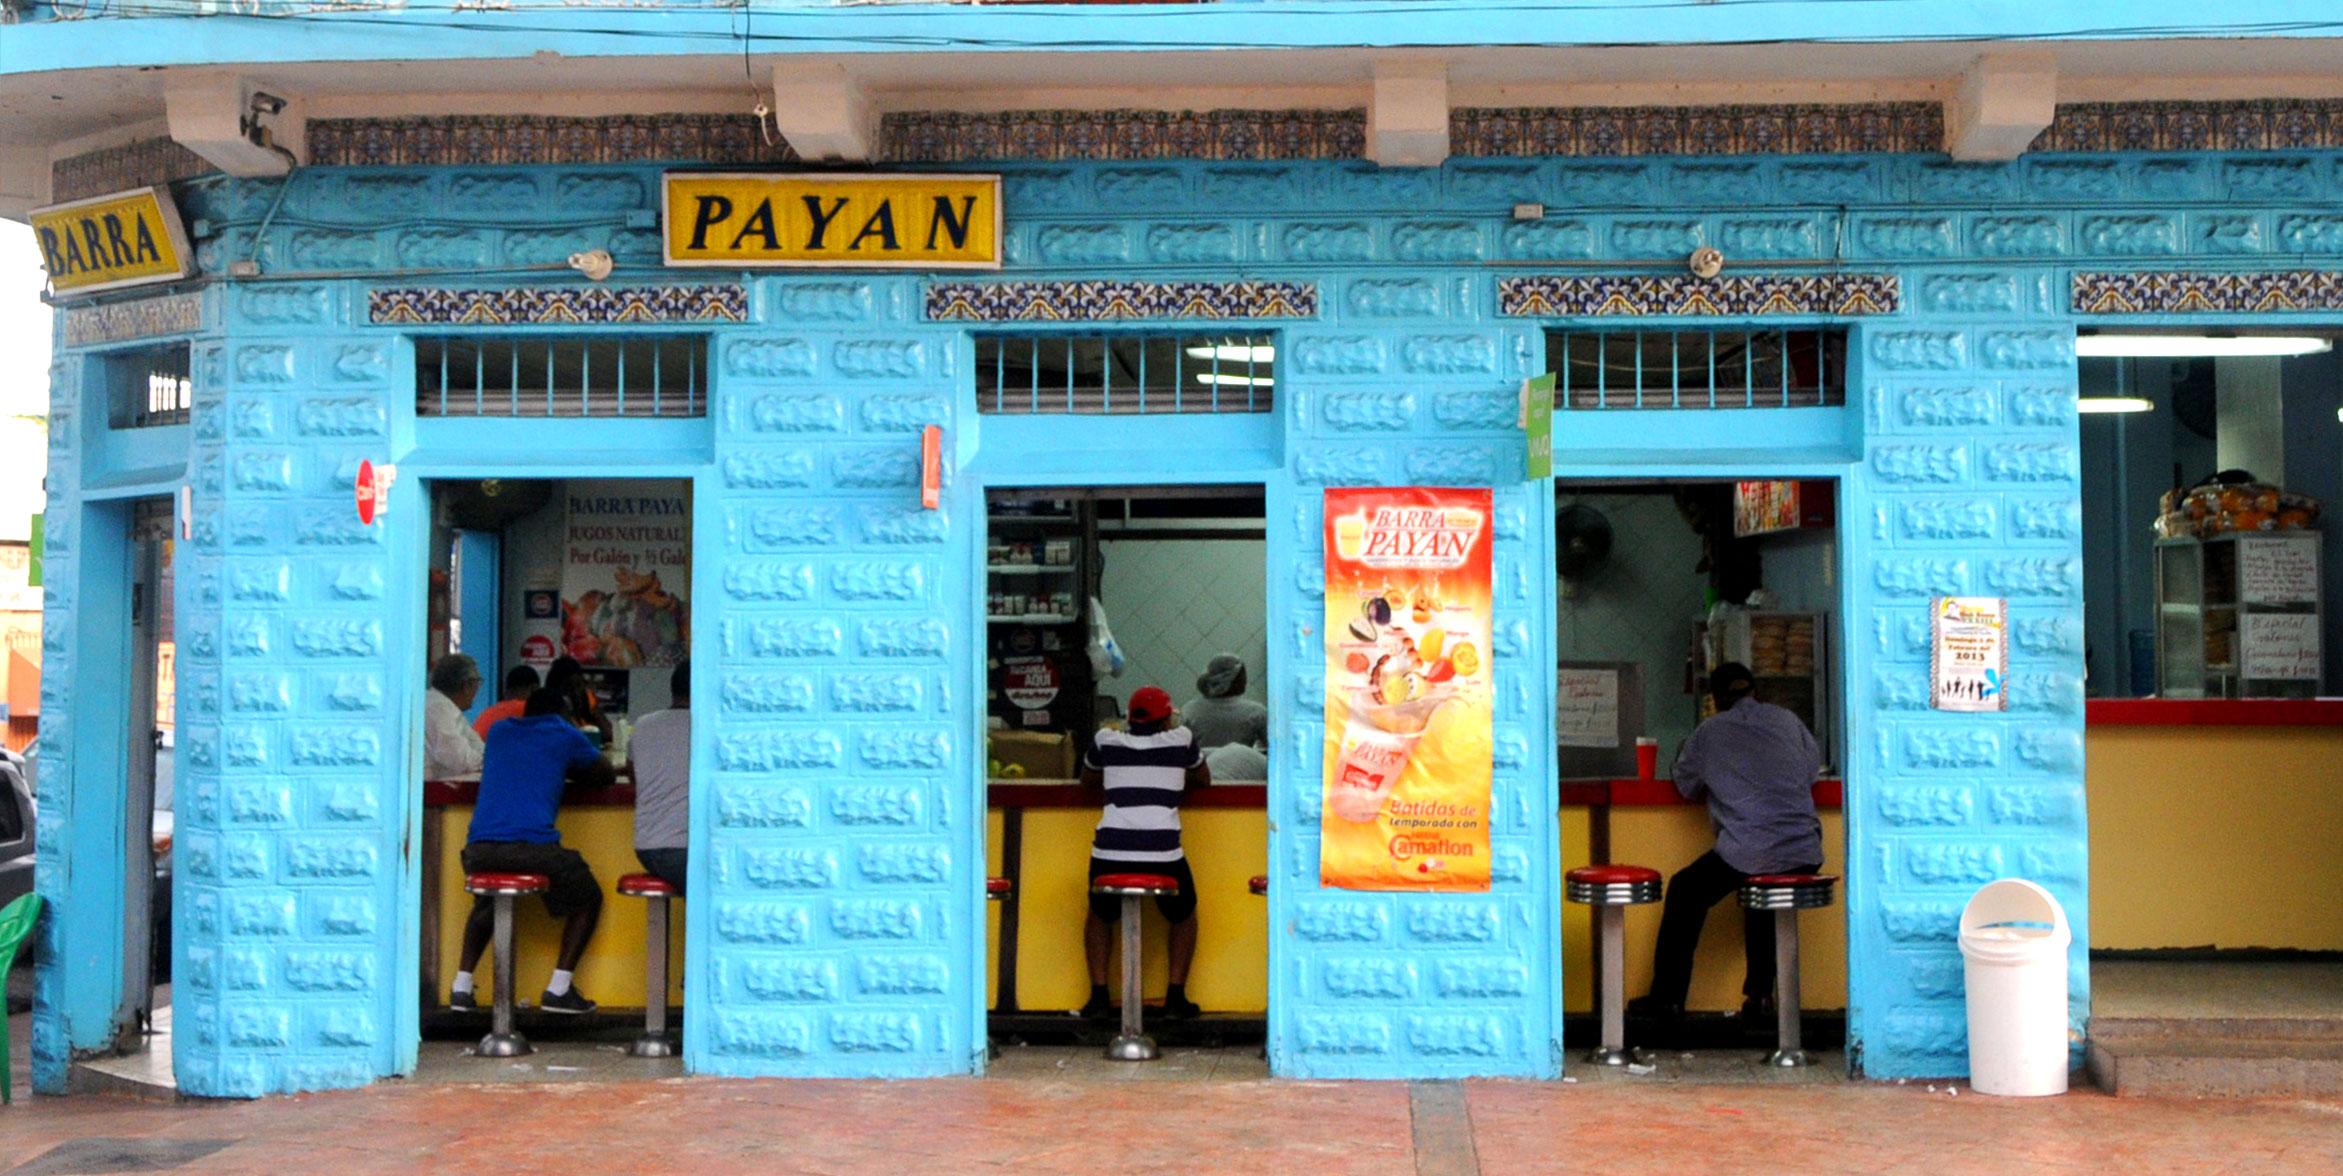 Cierran Barra Payán por falta de pago de impuestos